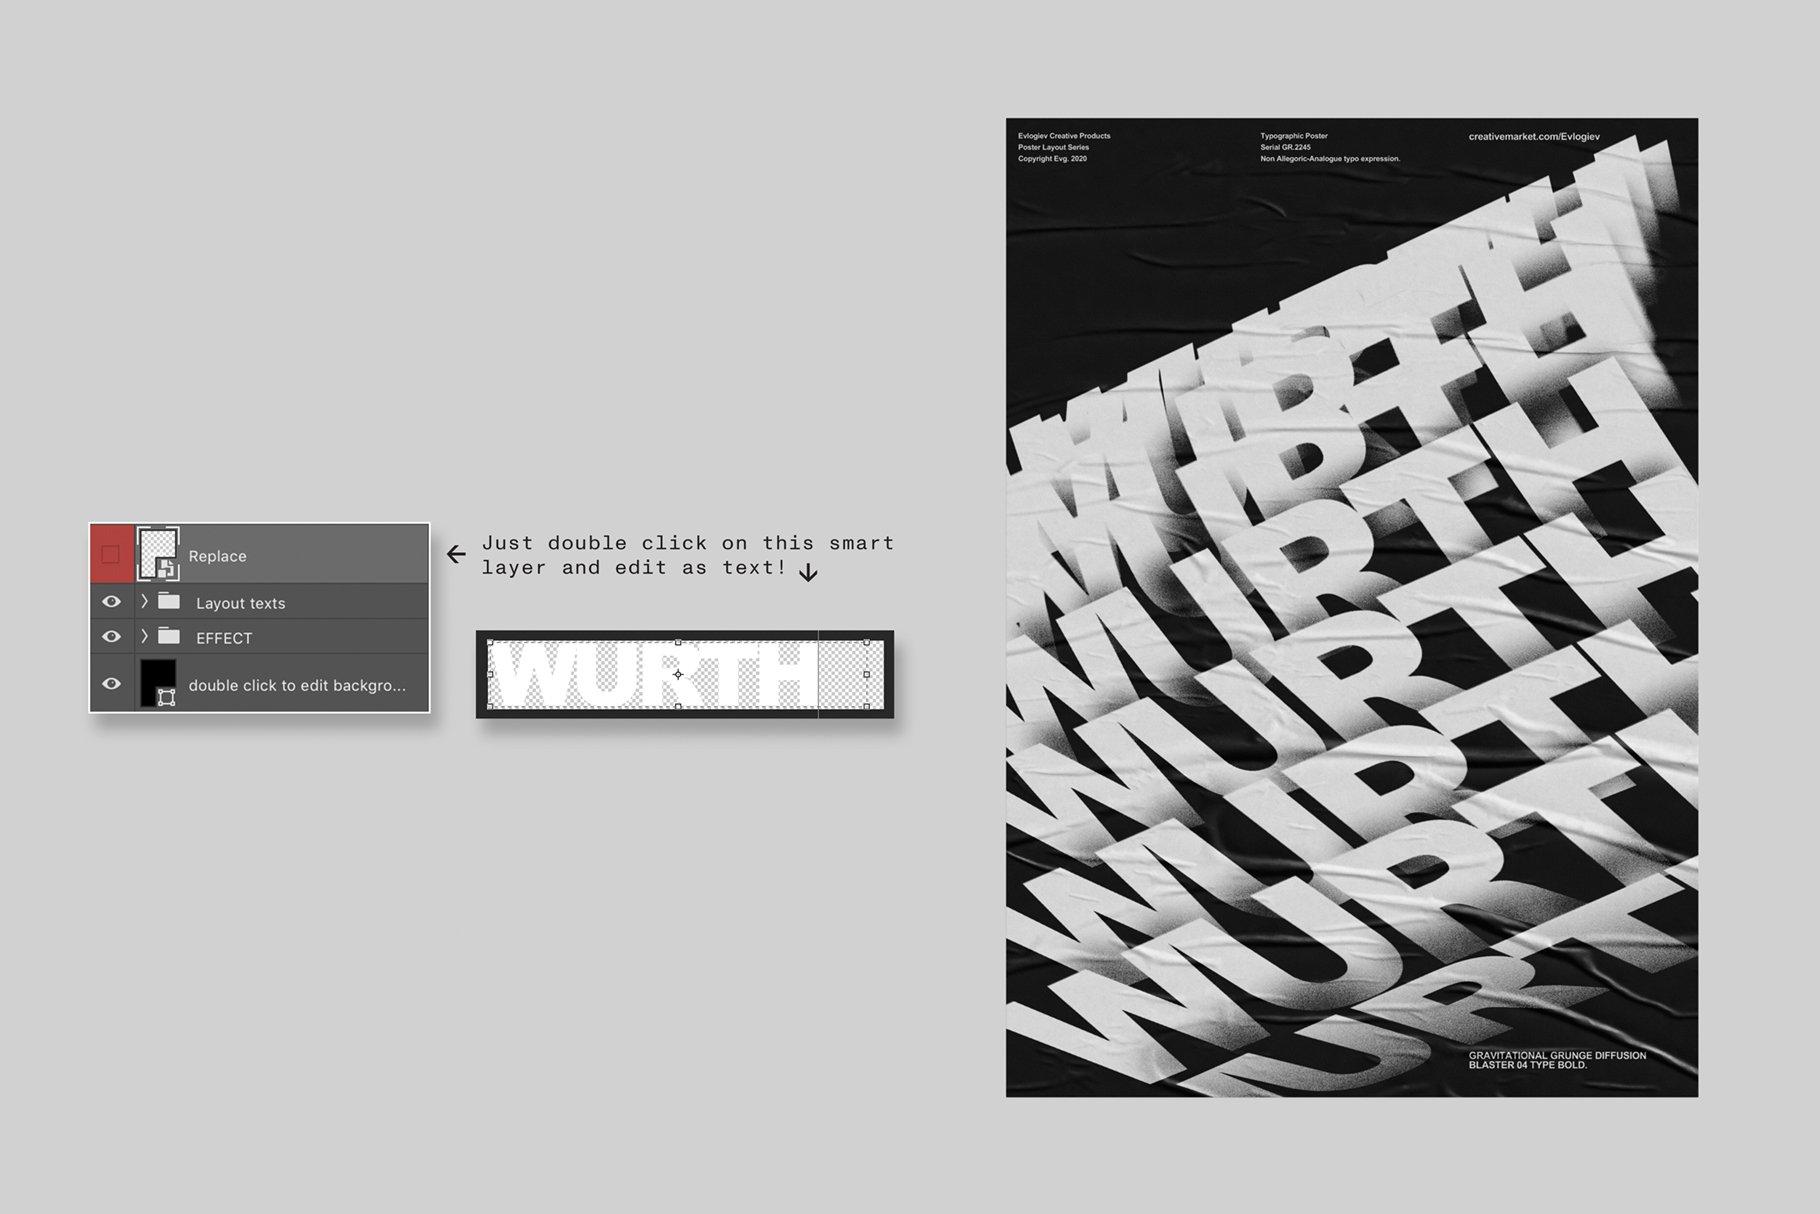 20款创意抽象主视觉海报标题特效字体设计智能贴图样机模板 Typographic Poster Layouts No.01插图(7)